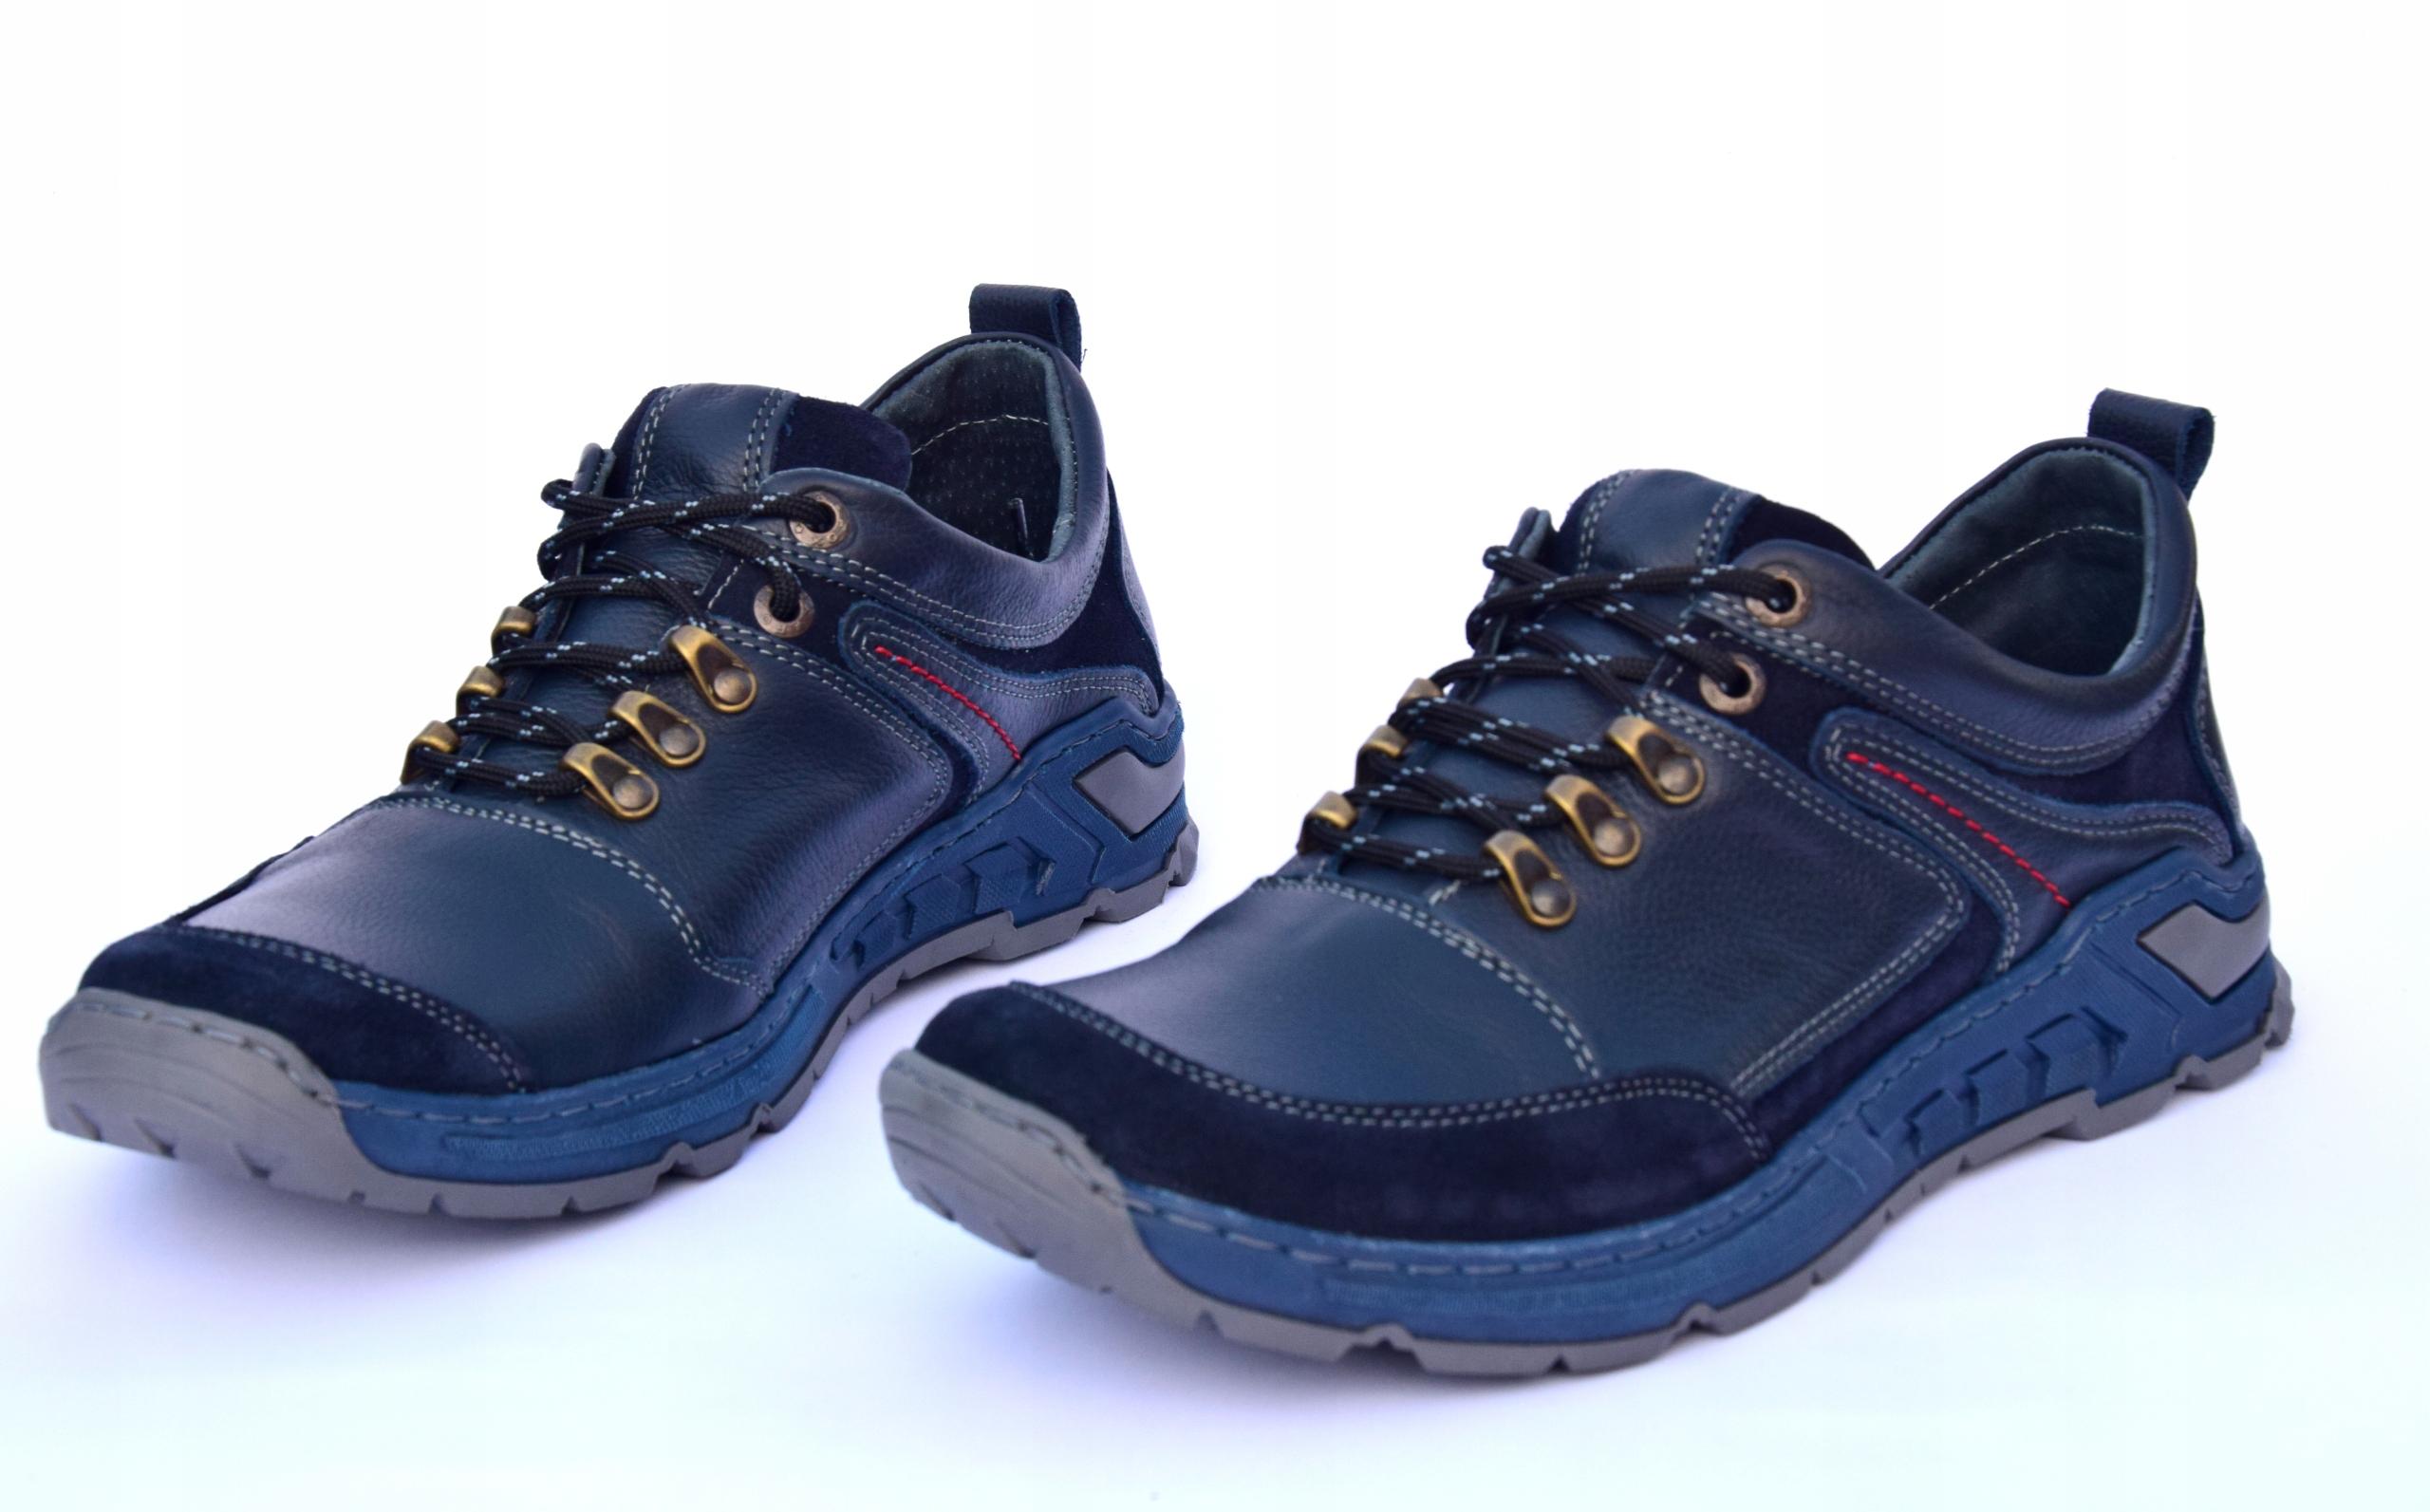 Buty trekkingowe górskie polskie skórzane 0241IG Długość wkładki 27.3 cm